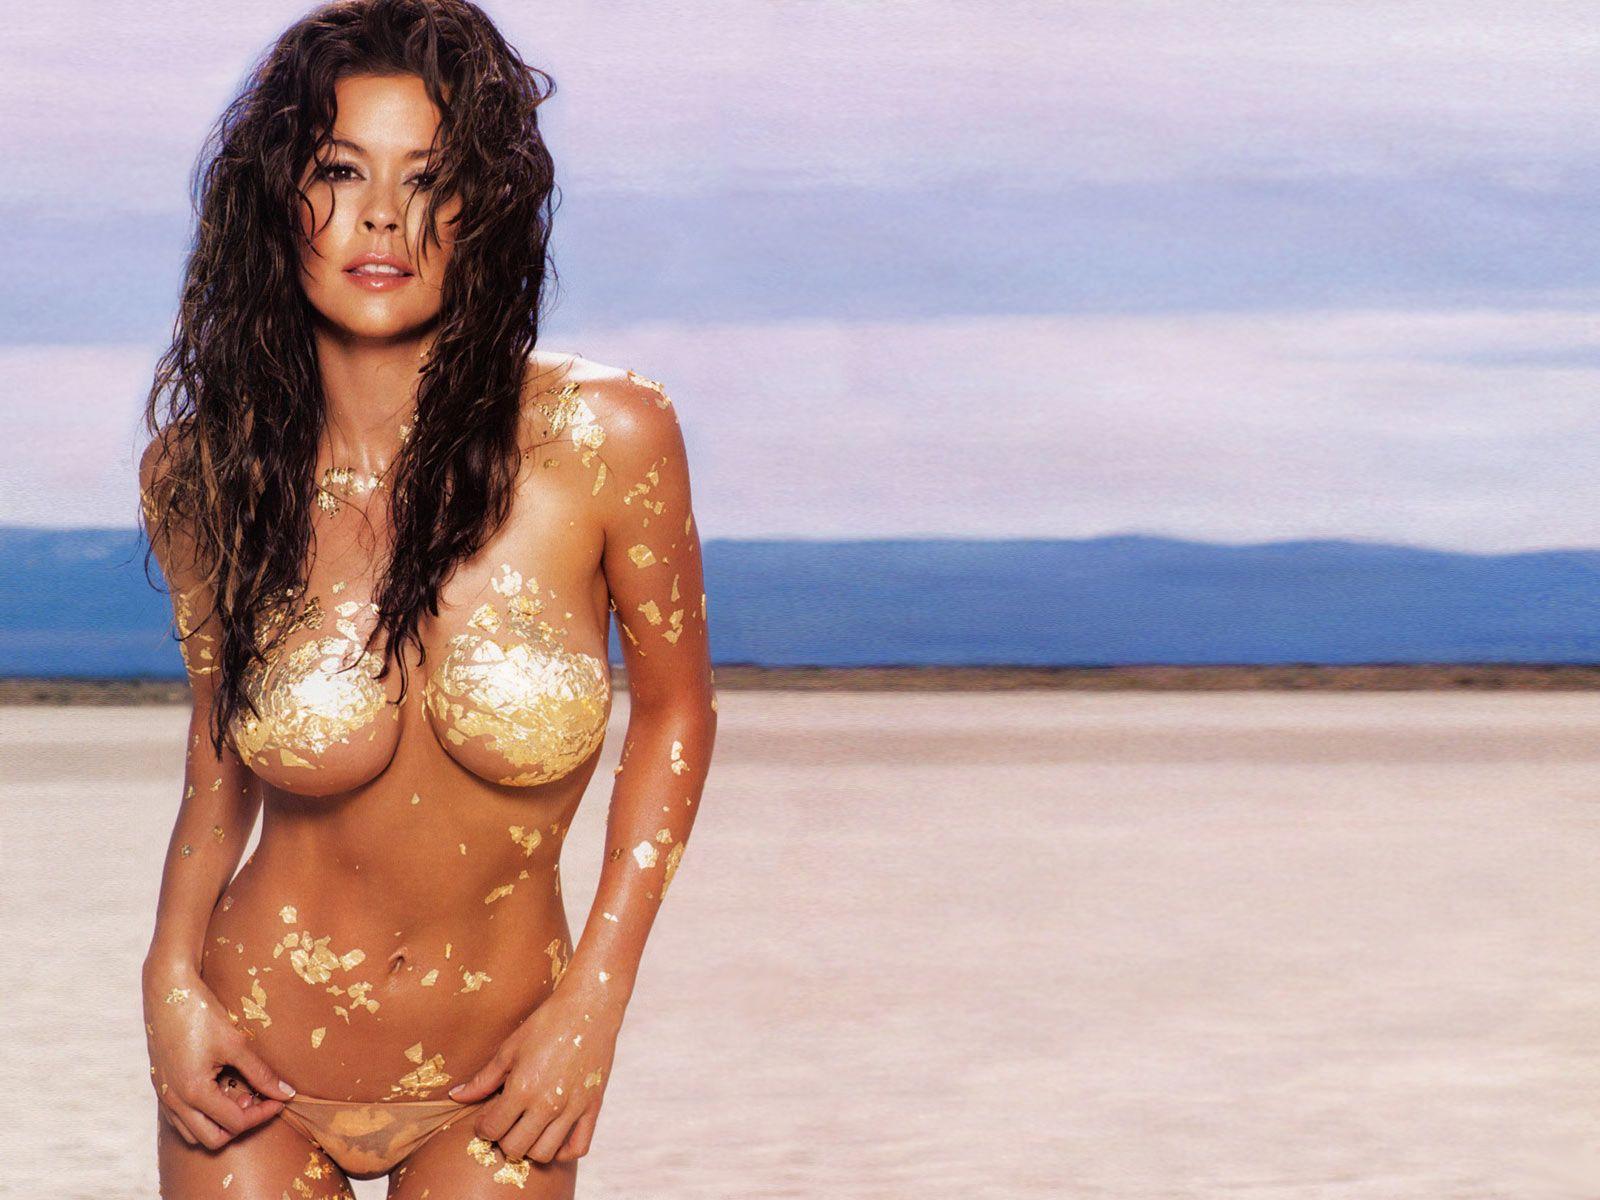 Jennifer love a bikini